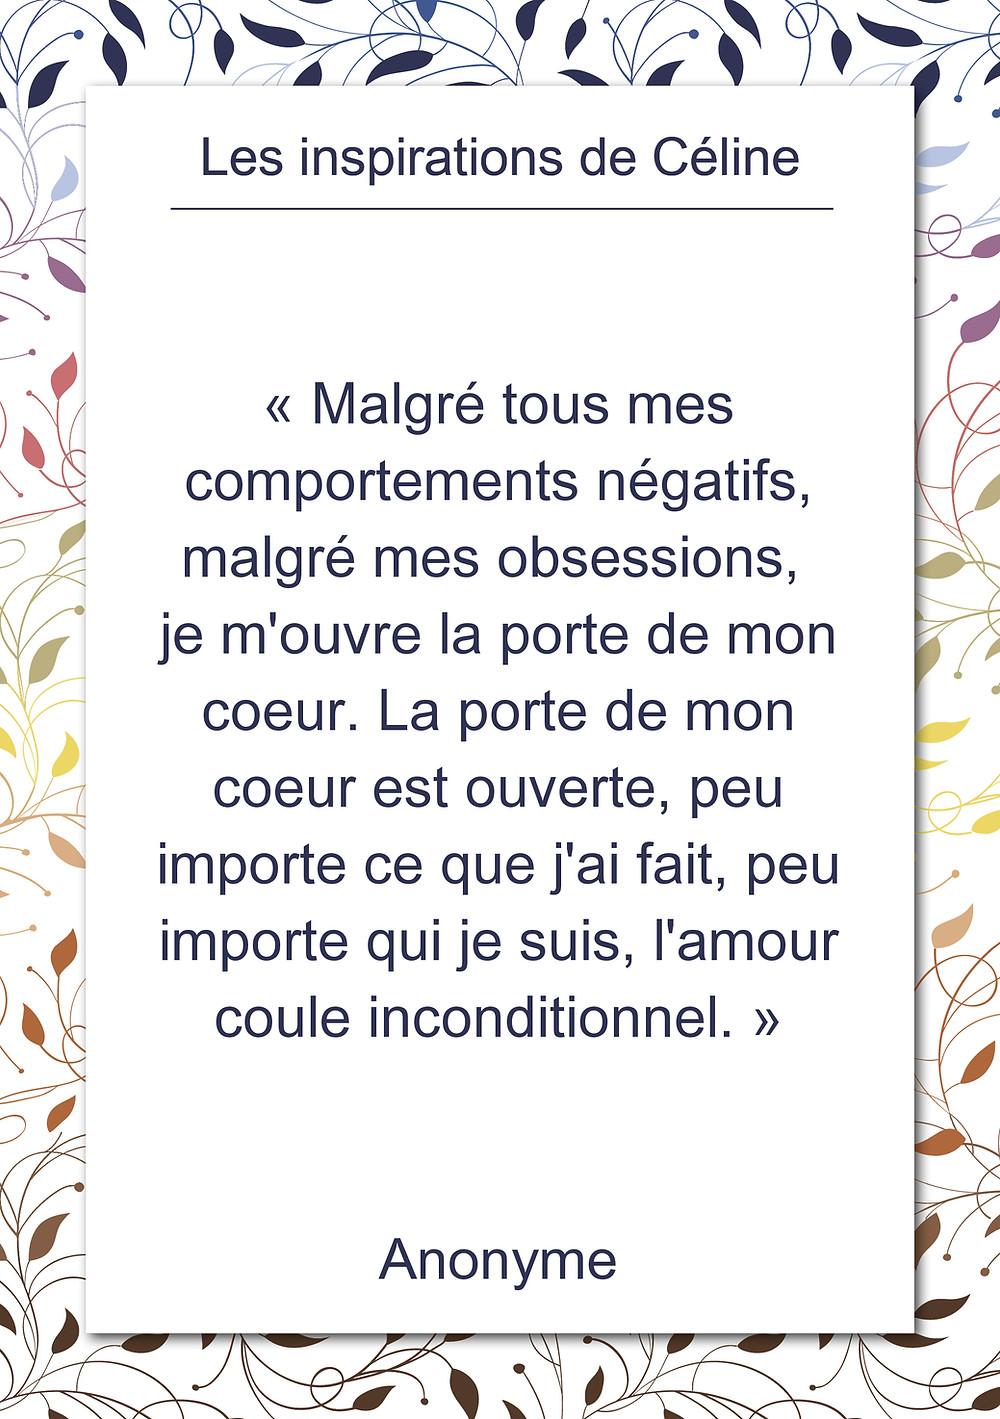 Les inspirations de Céline Kempf, citation d'Antoine de Saint-Exupéry, faire naître le désir dans le cœur des hommes